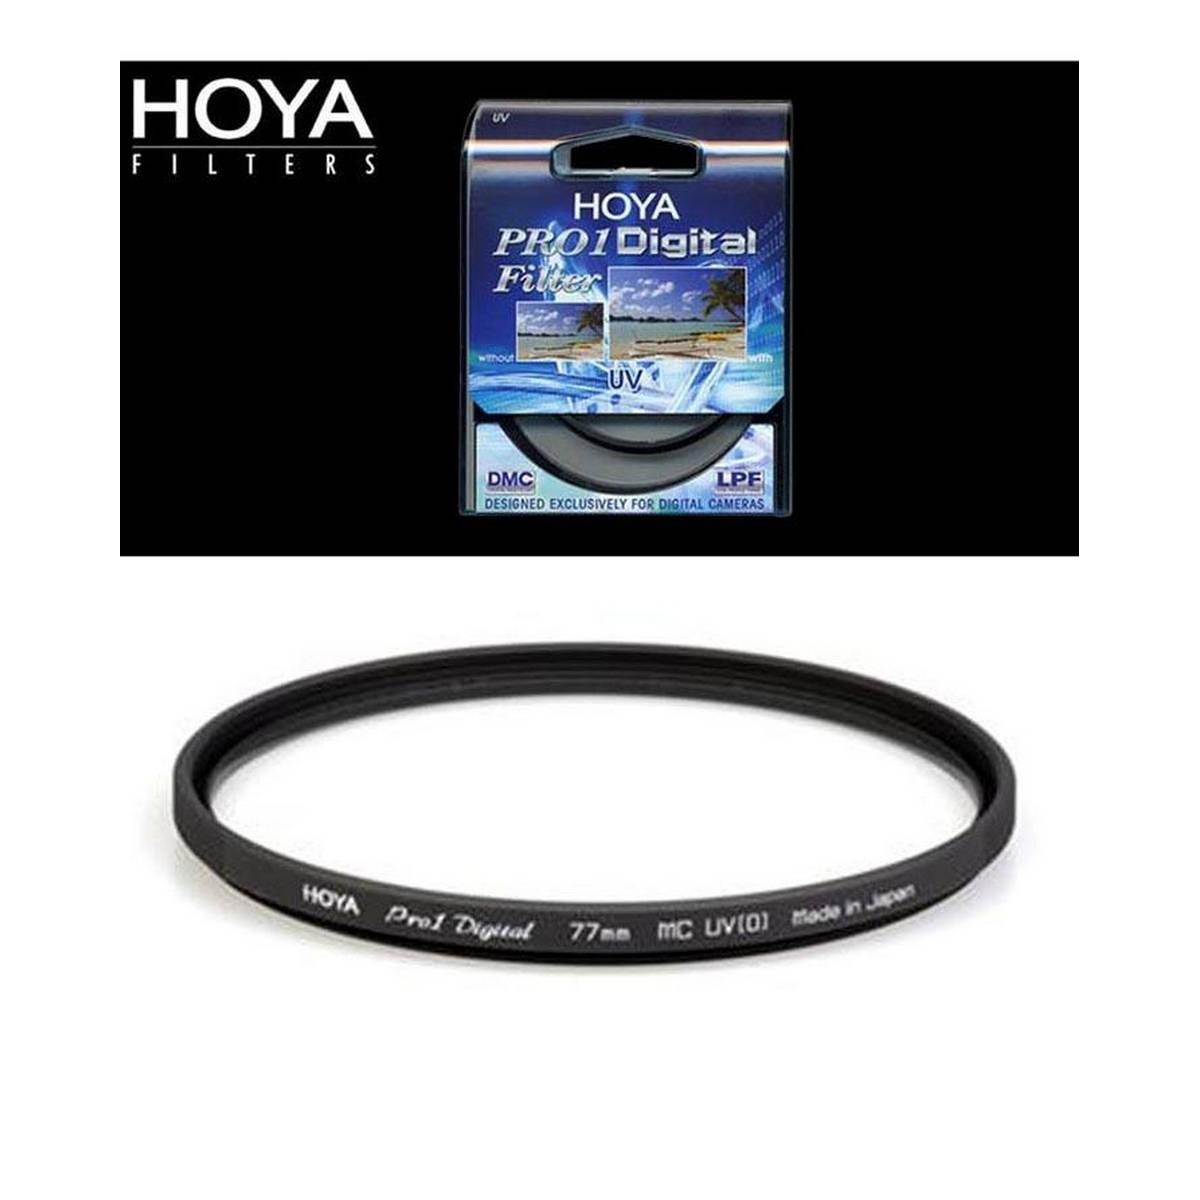 Lens Filter Hoya Pro1 Digital UV MC - 77mm - Black